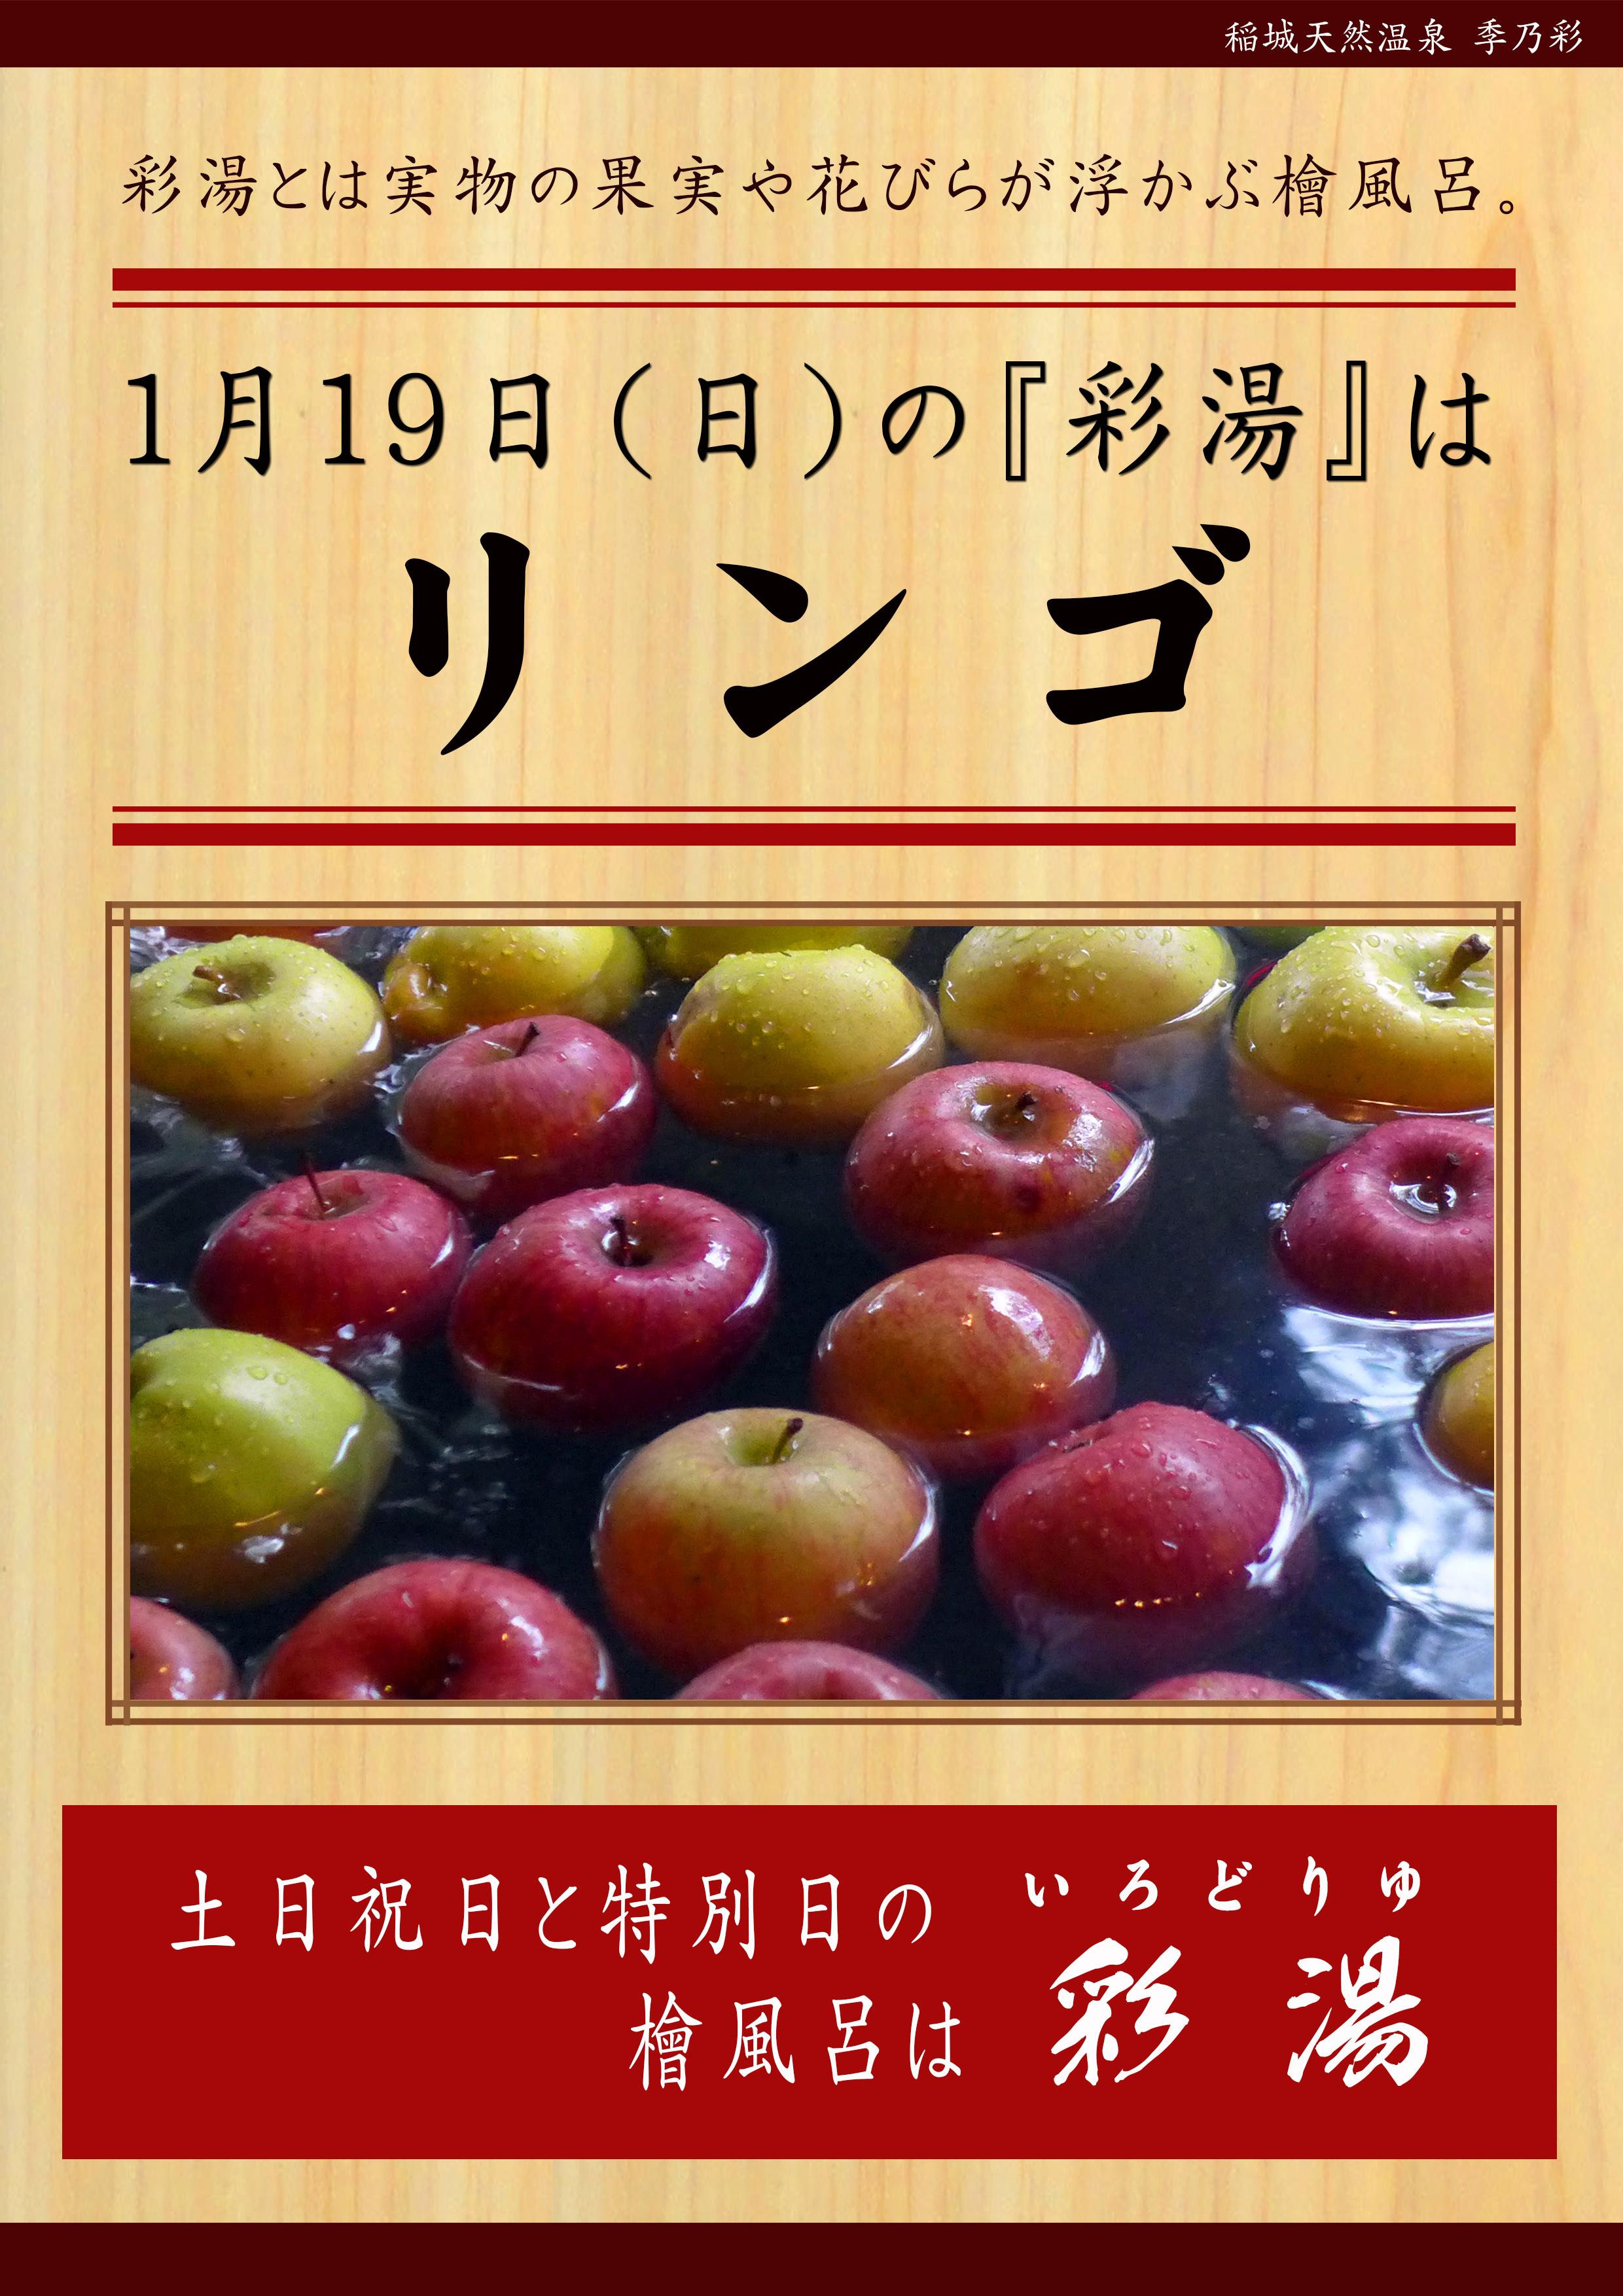 20200119 POP イベント 彩湯 リンゴ